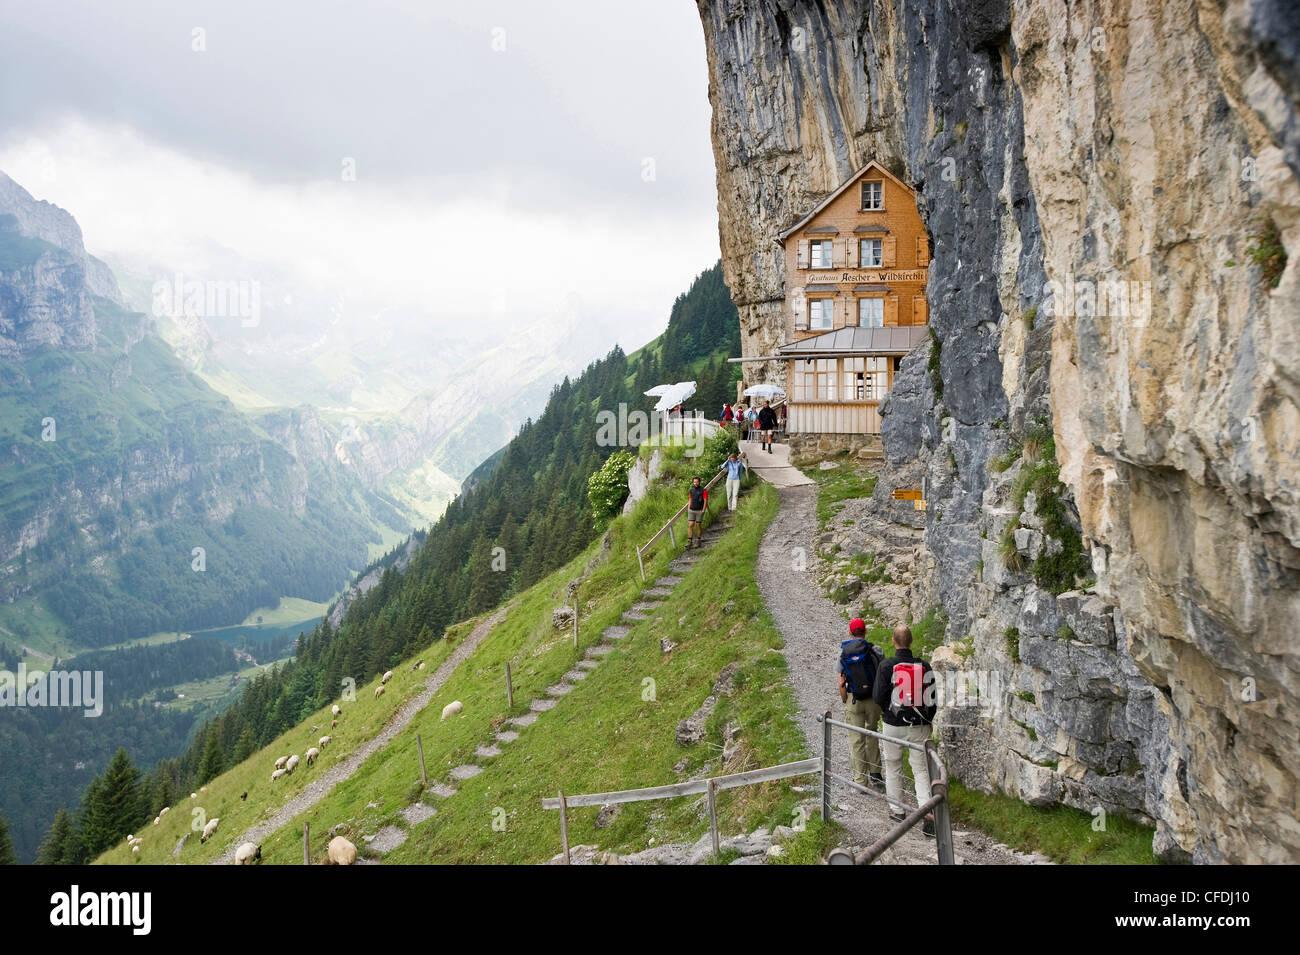 Bergwanderer in der Nähe von Berg Gasthaus Aescher, Ebenalp, Alpstein-massiv, Appenzell Innerrhoden, Schweiz Stockbild